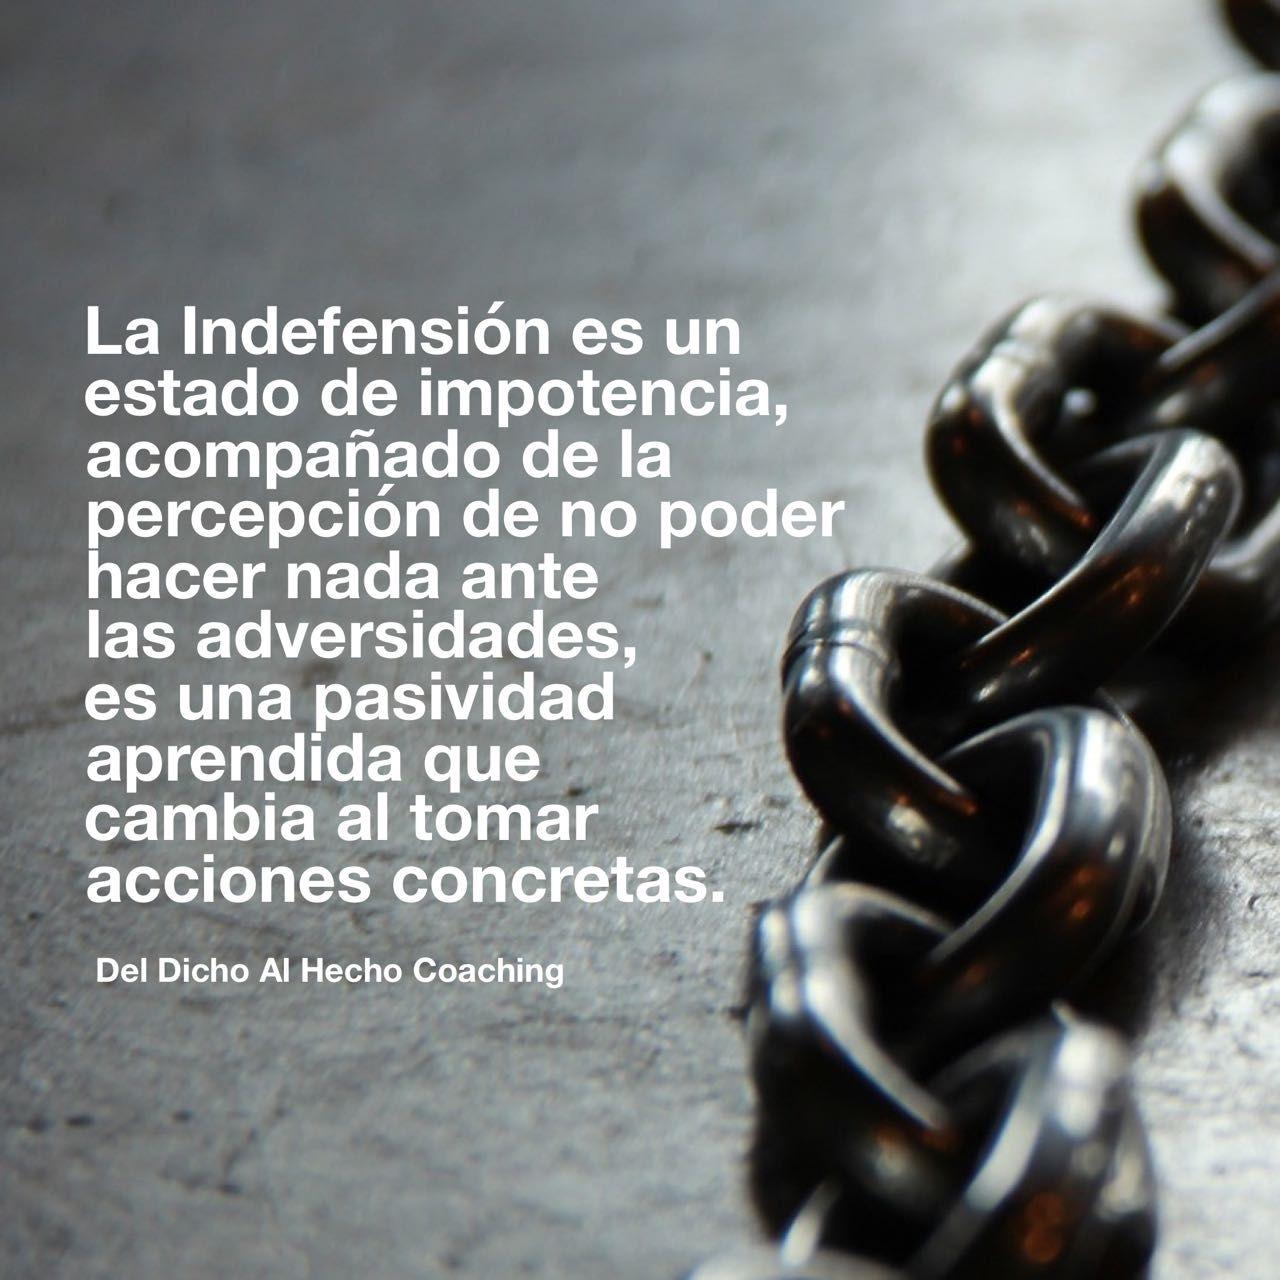 La Indefensión cambia al tomar acciones concretas!  #Coaching #DesarrolloHumano #InteligenciaEmocional #Bienestar